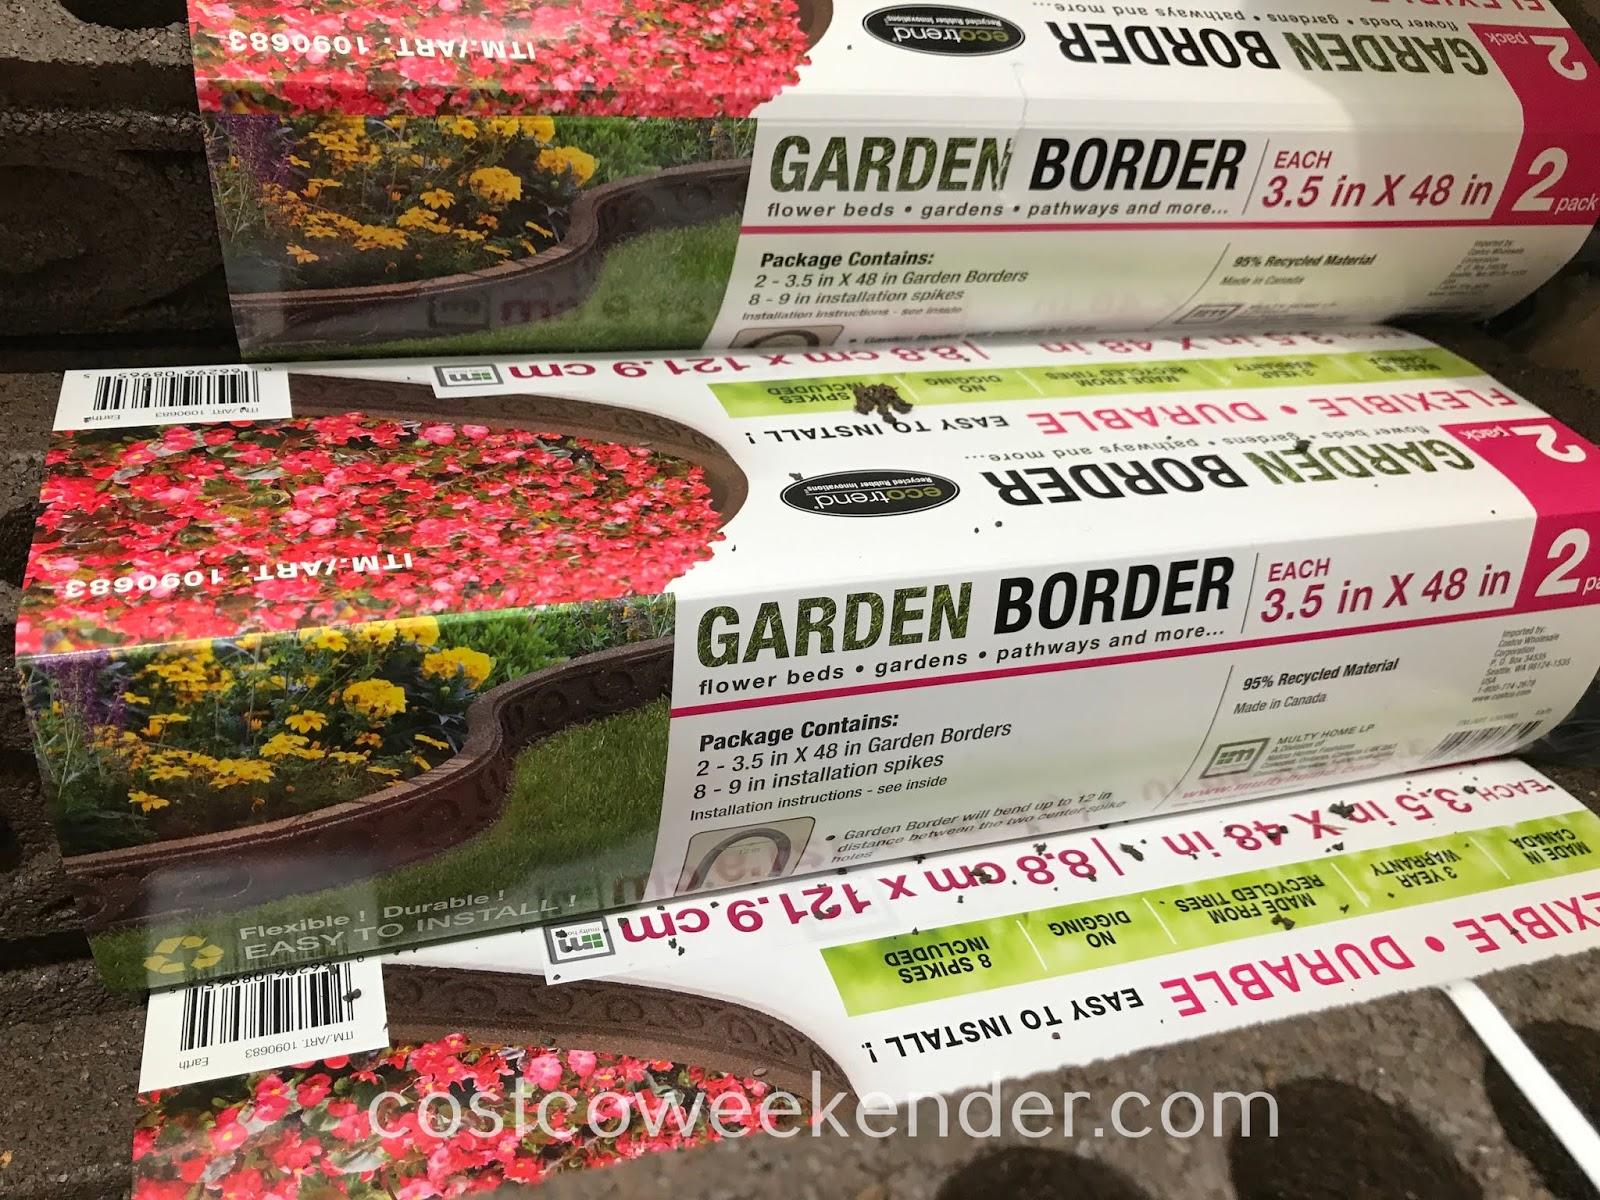 Ecotrend Flexible Rubber Garden Border: great for any home garden